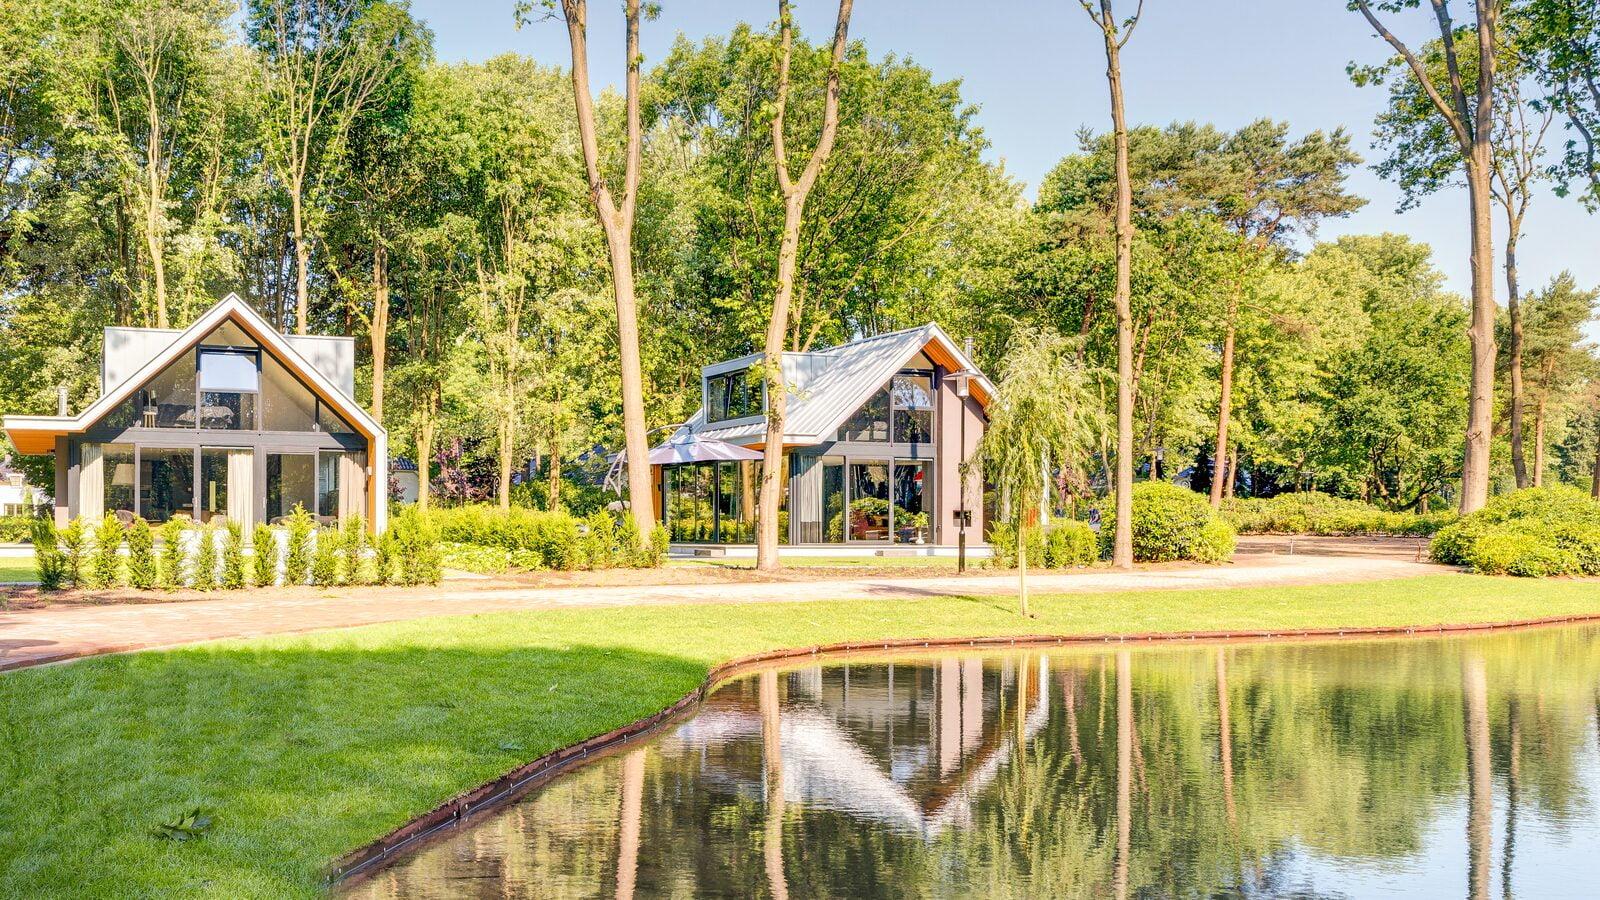 10 tips voor een leuke kindervakantie op een vakantiepark van Topparken Nederland - Mamaliefde.nl